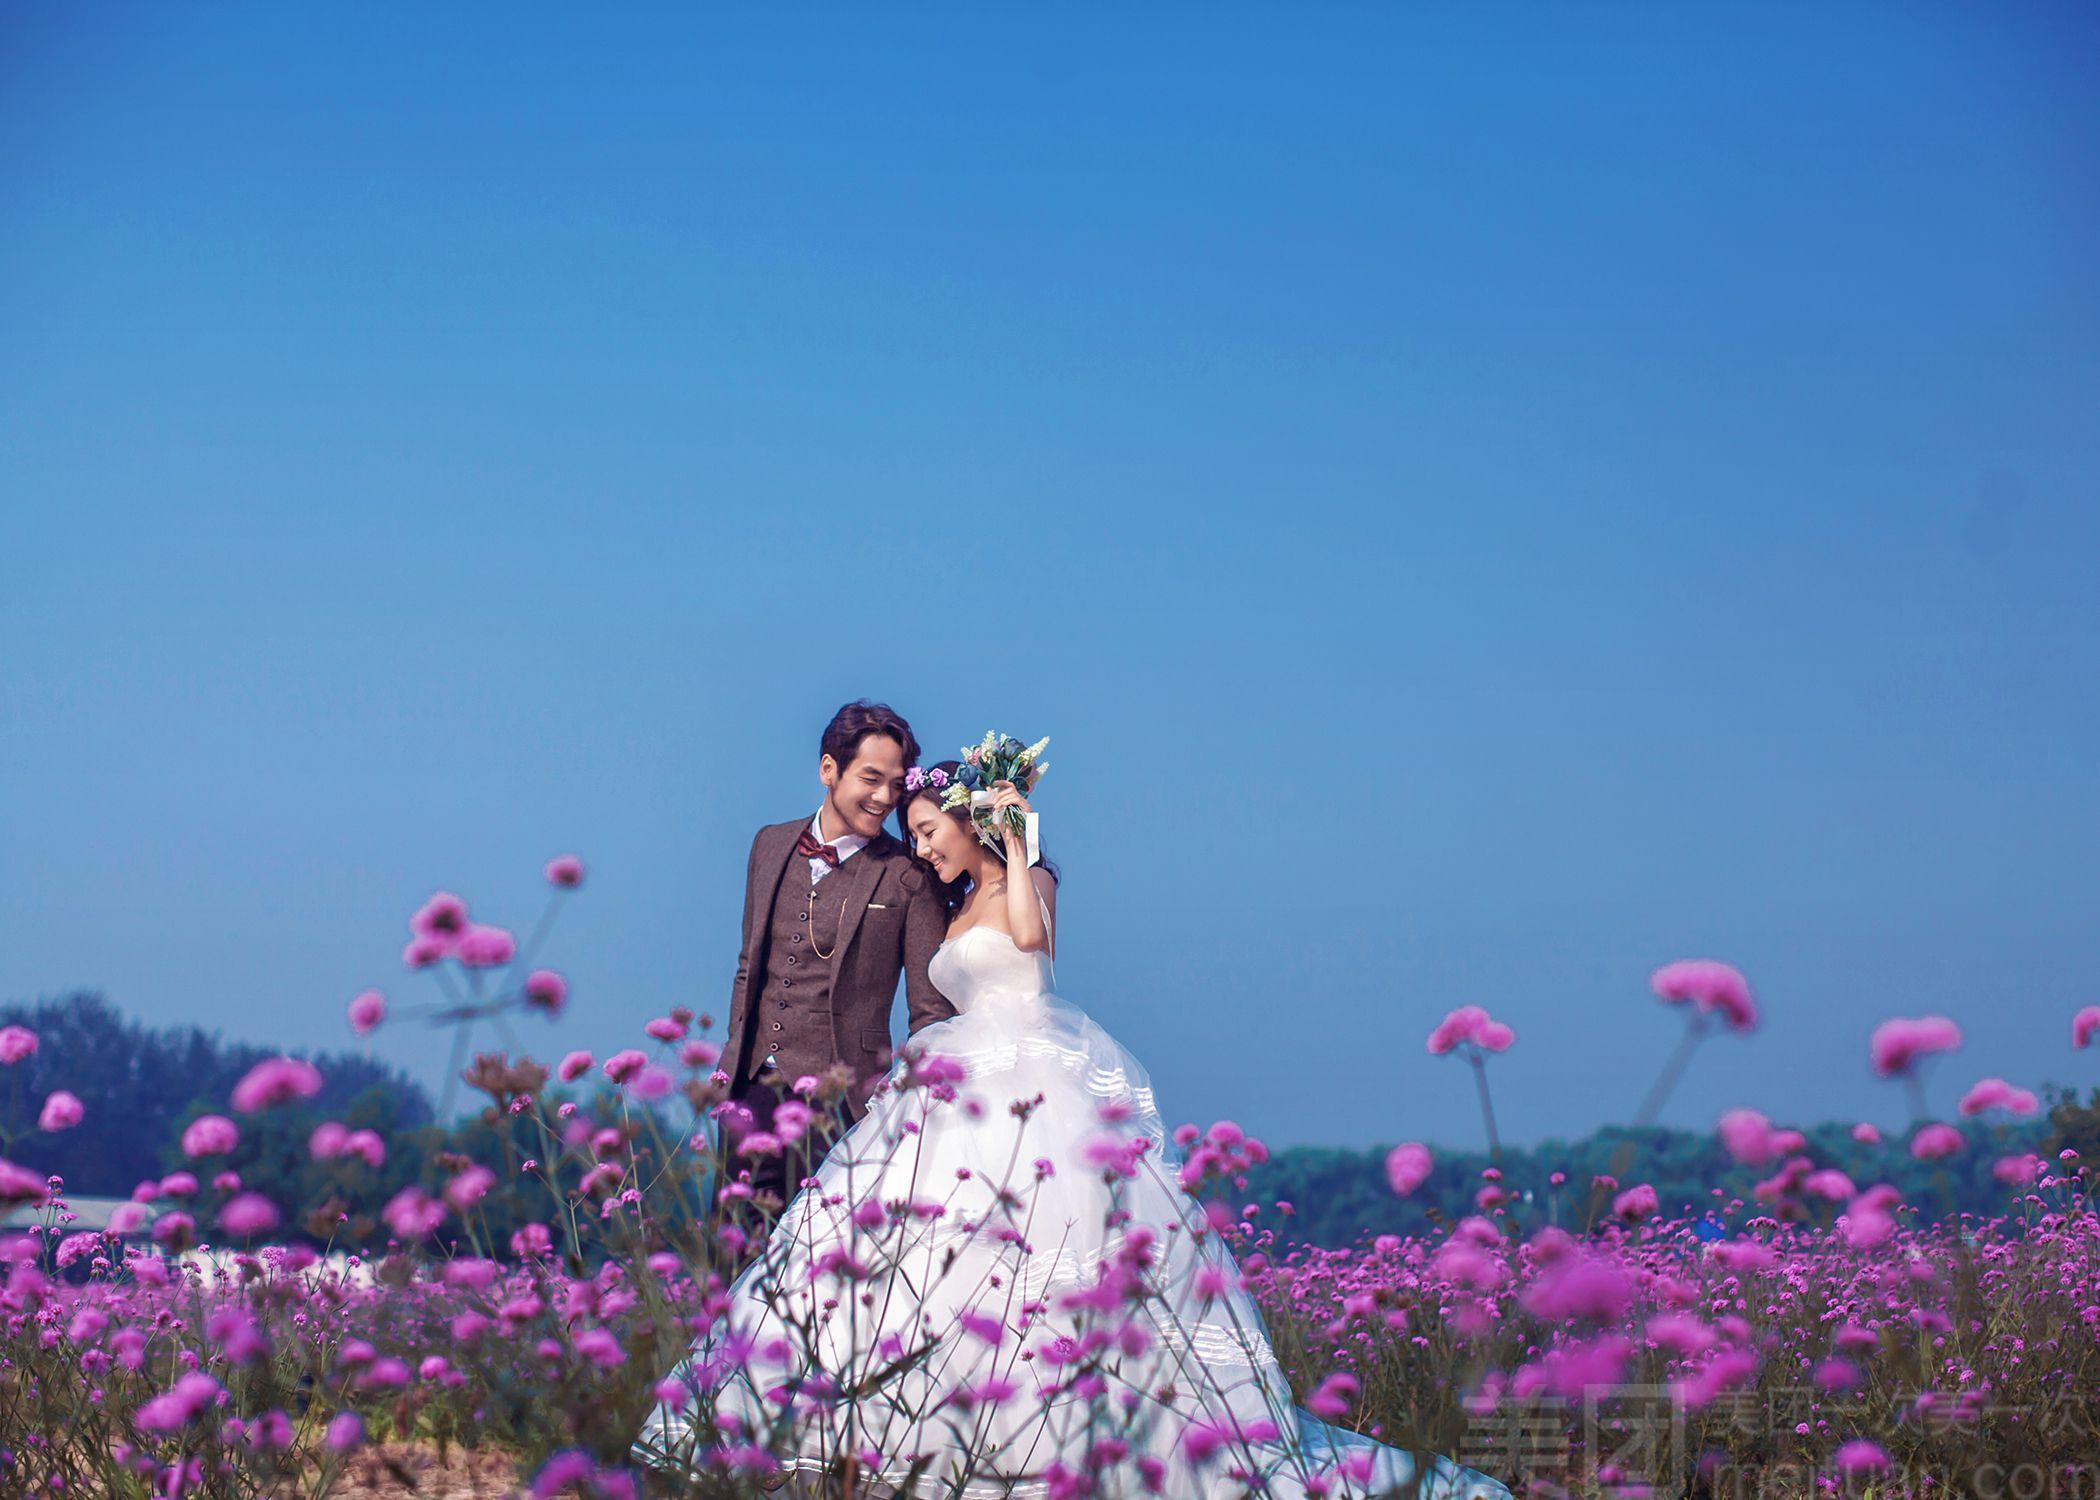 巴黎国际主题婚纱摄影